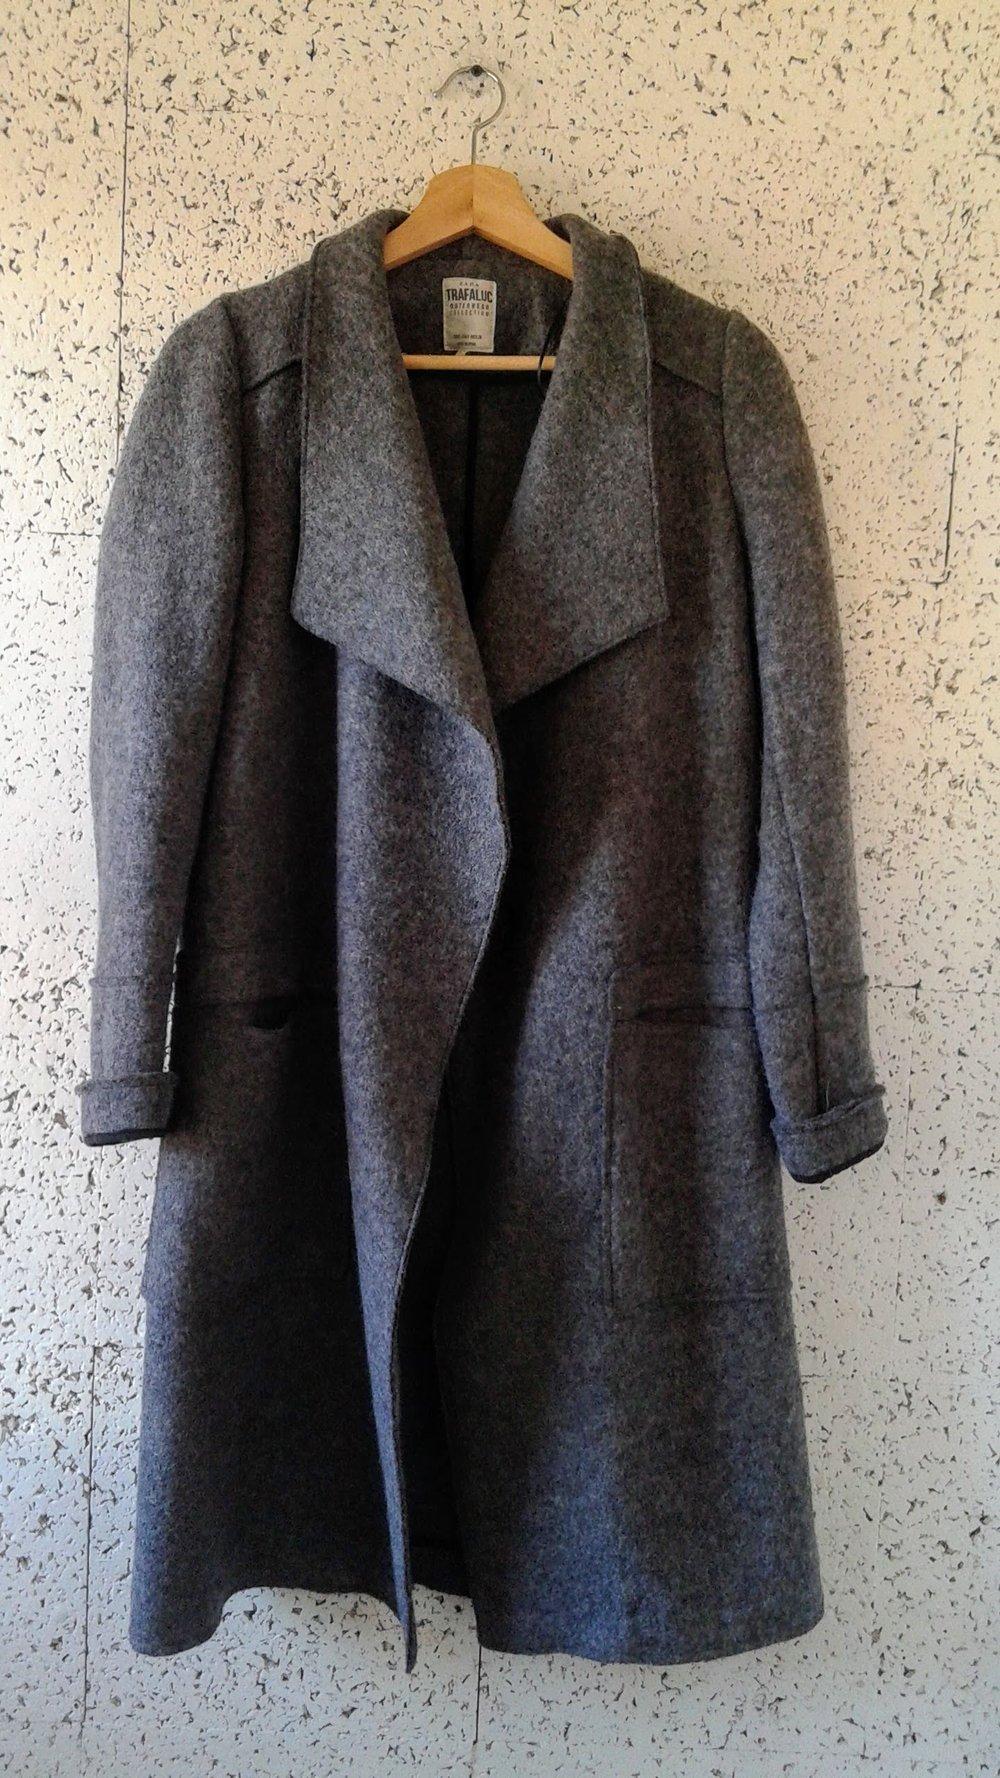 Zara coat; Size M, $68